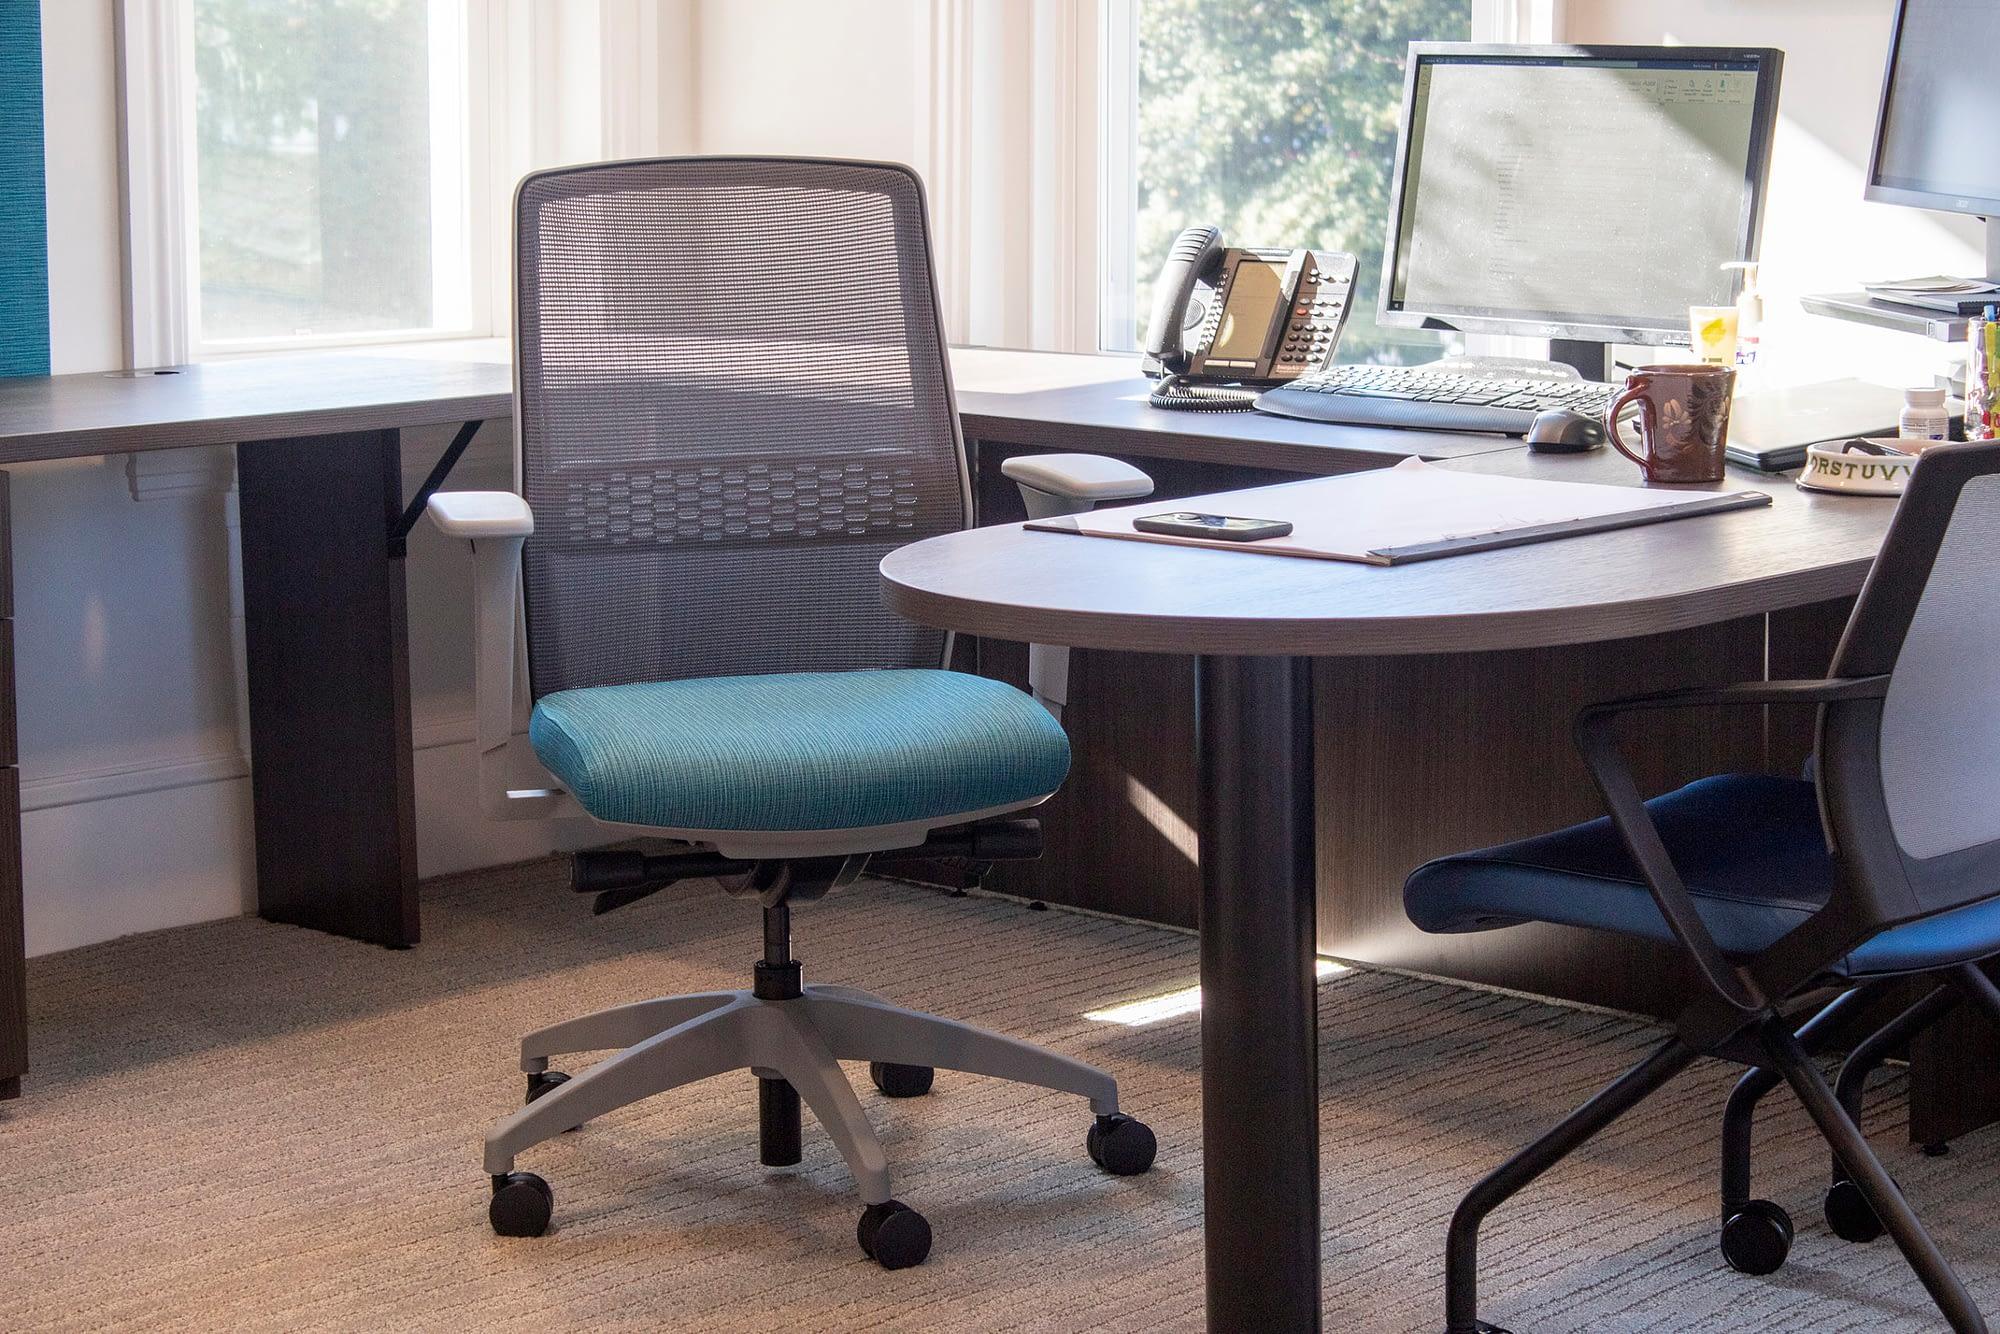 Bens Office Chair CloseUp